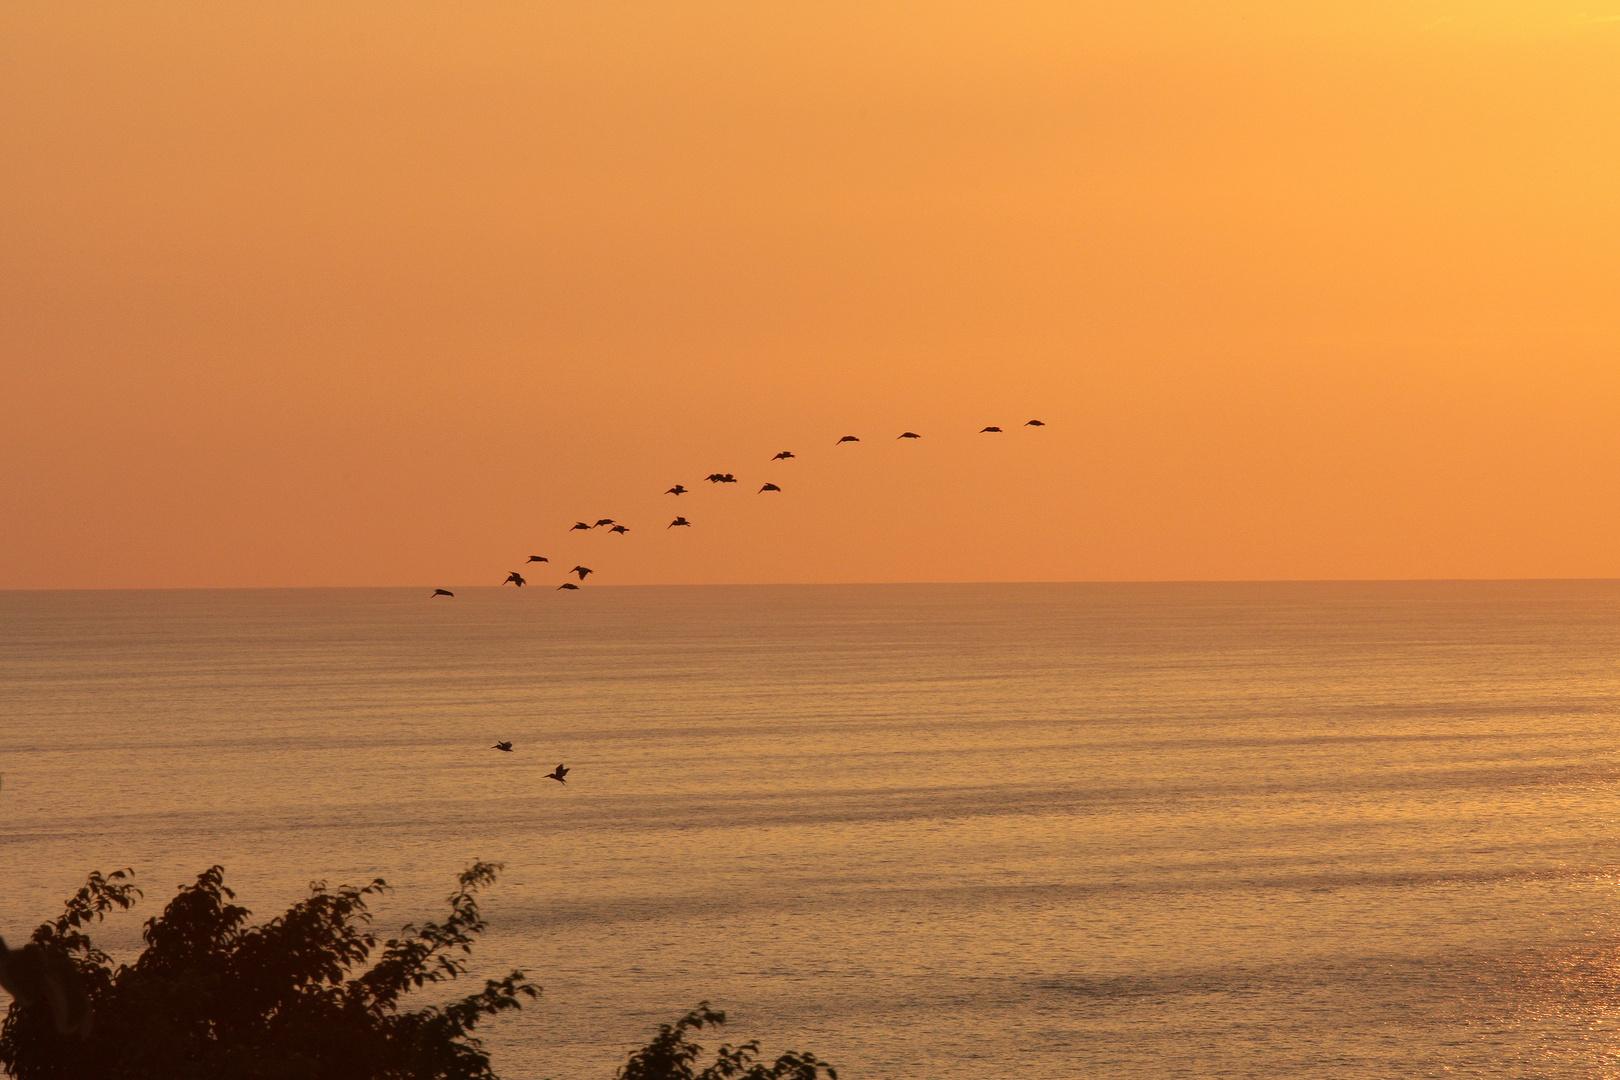 Pelikane im Licht des beginnenden Sonnenunterganges auf dem Rückflug zu den Schlafplätzen